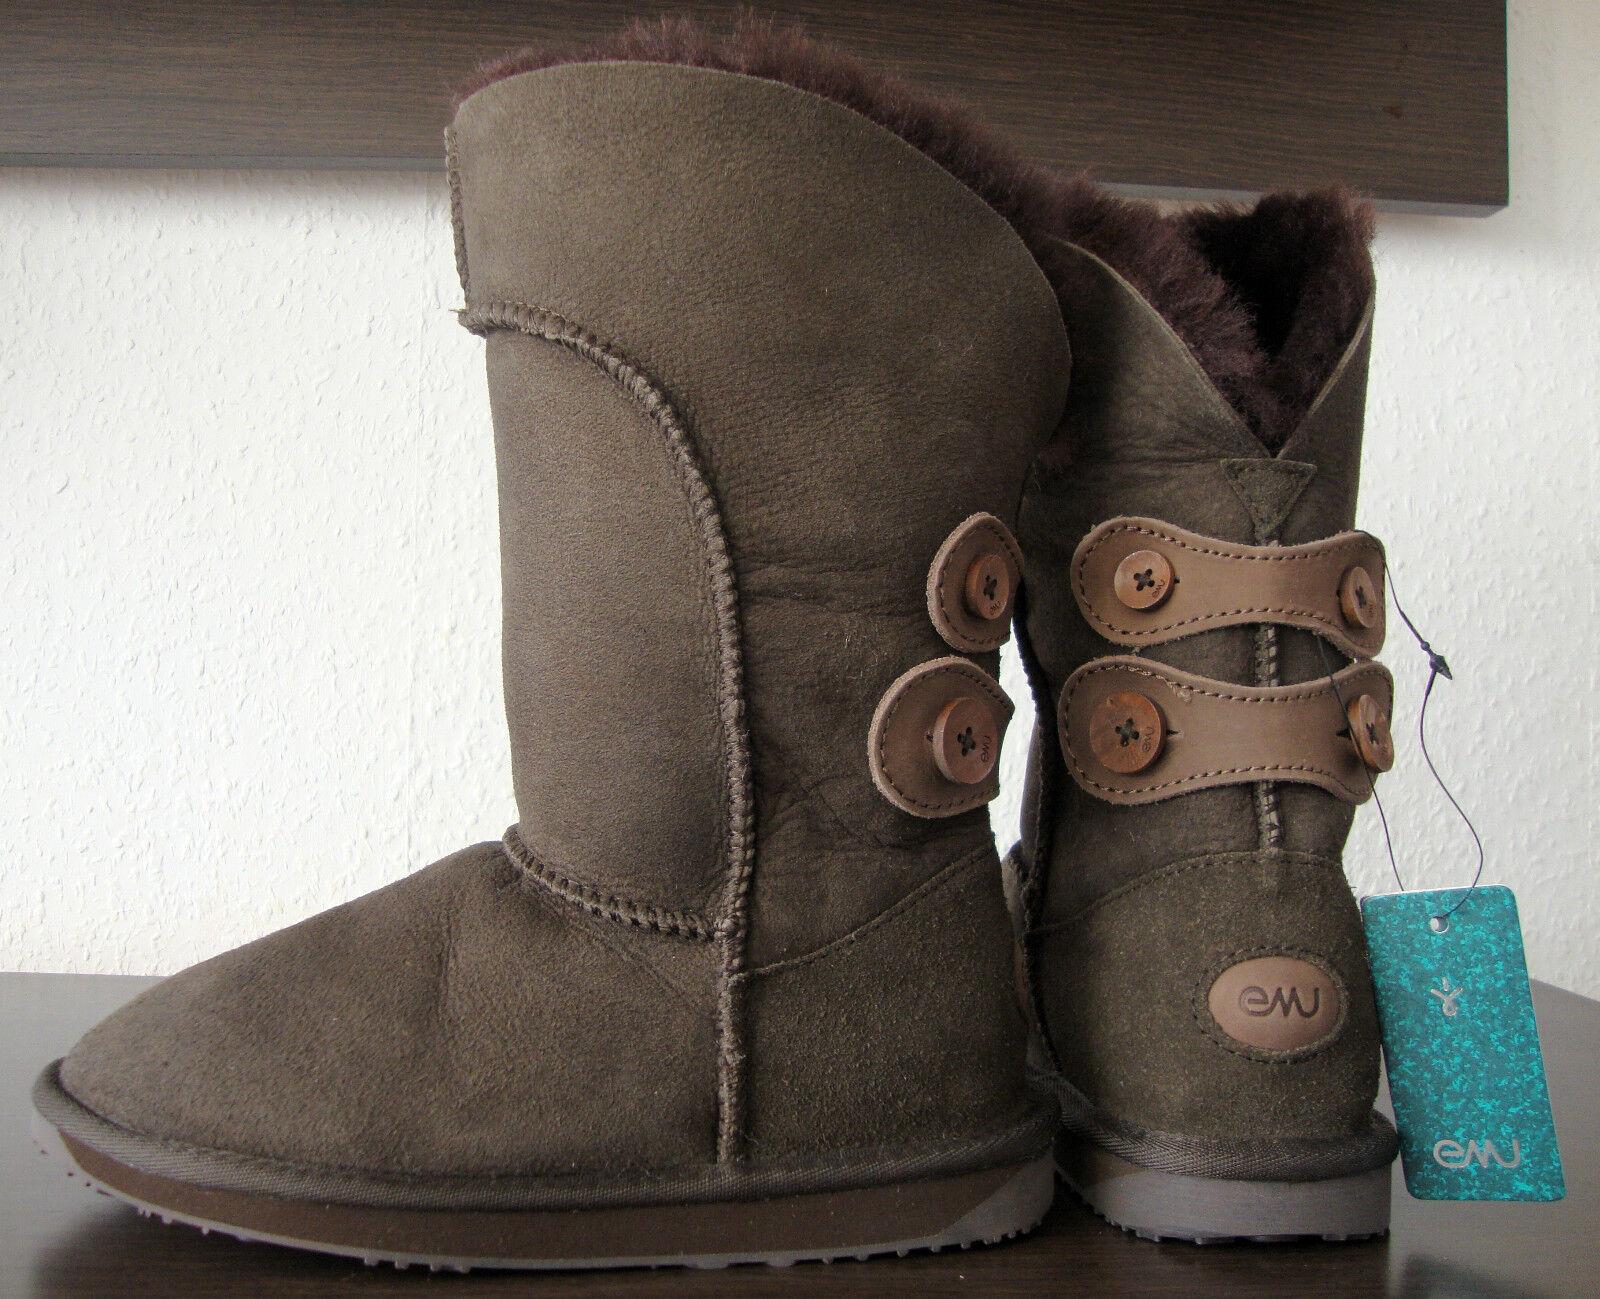 EMU Australia alba w10088 botas marrón señora botas zapatos de piel /36 nuevo